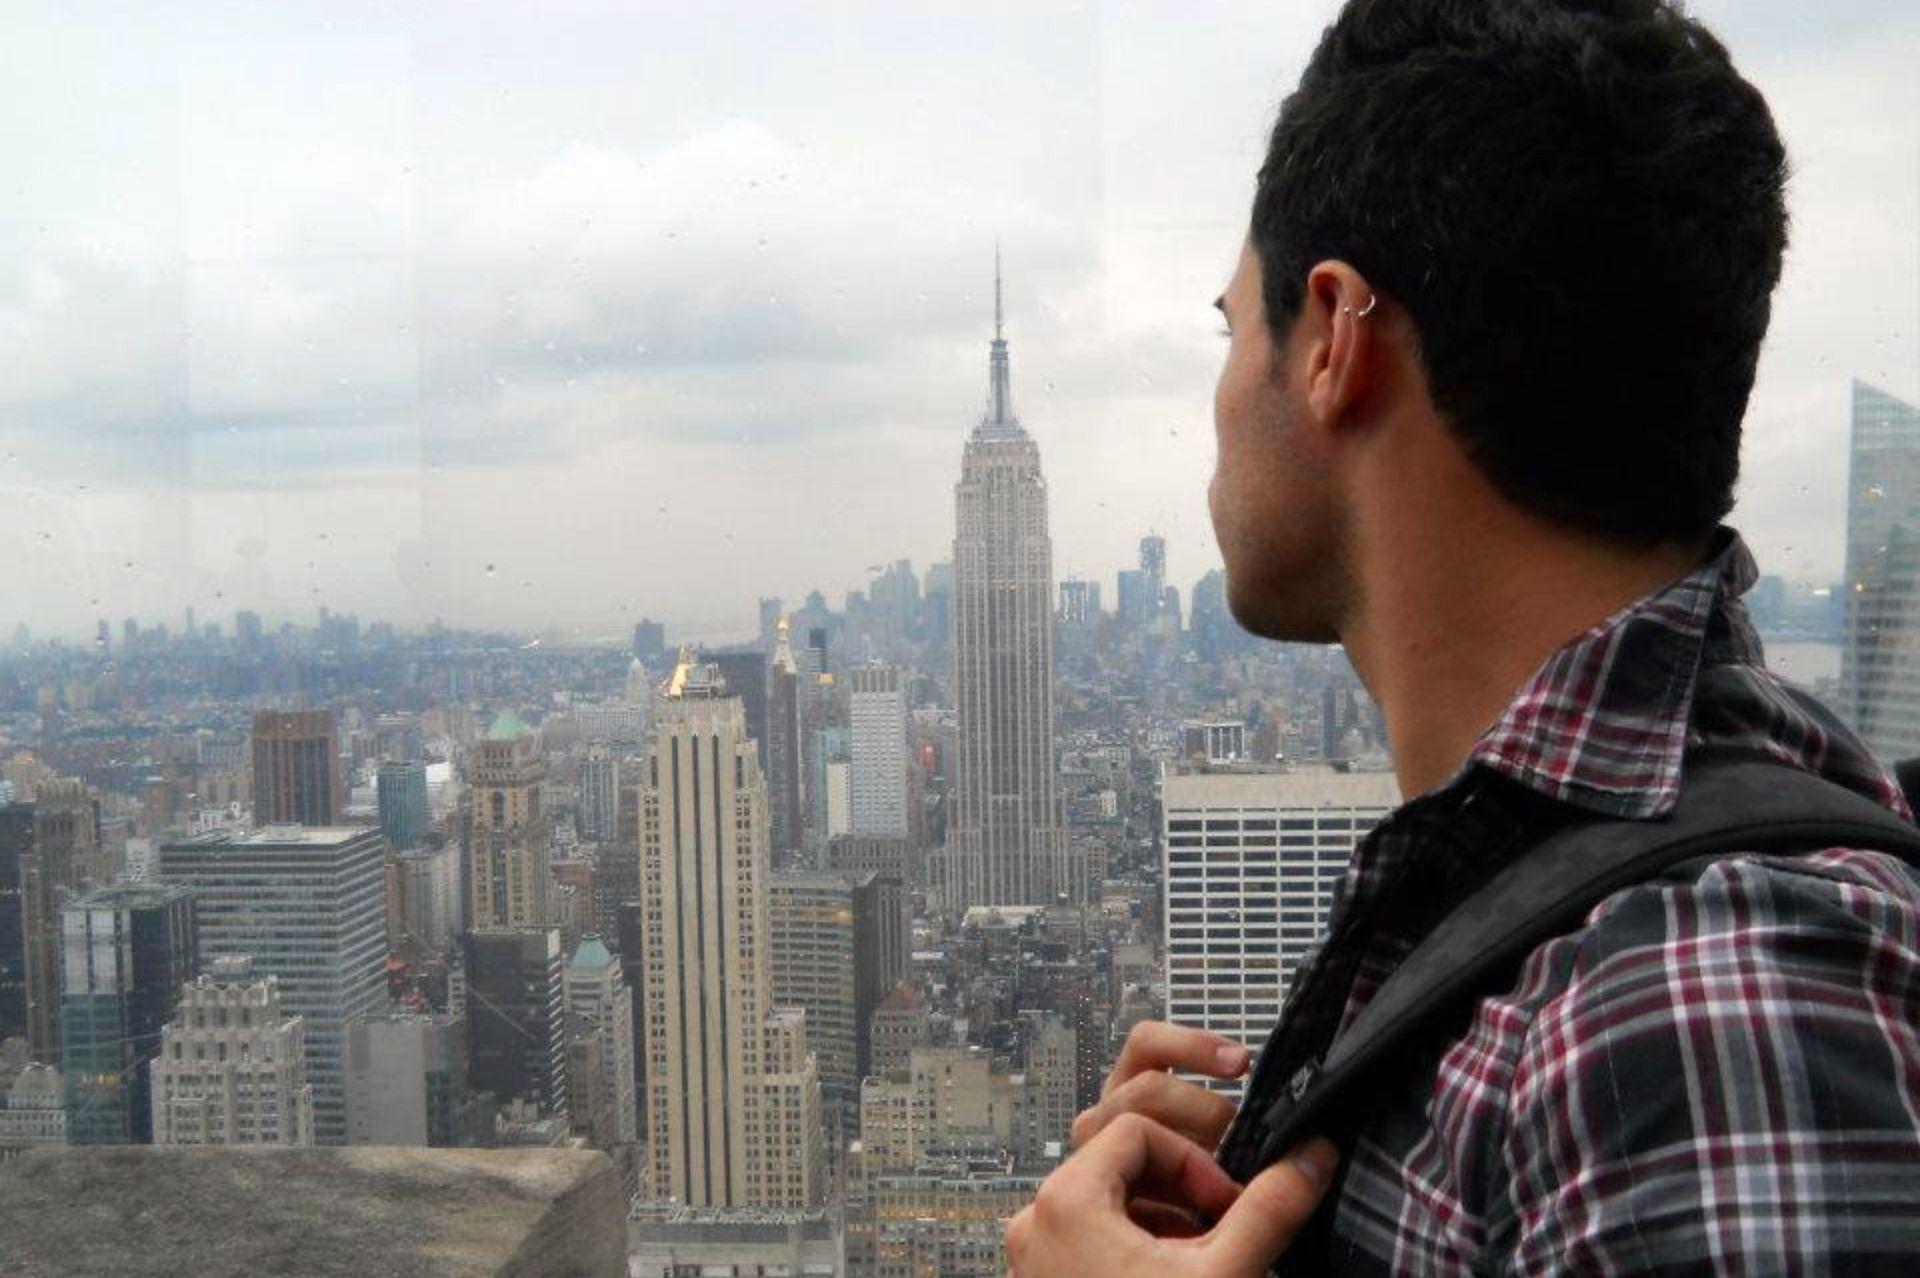 Mario en Nueva York, una ciudad de dicotomías extremas.